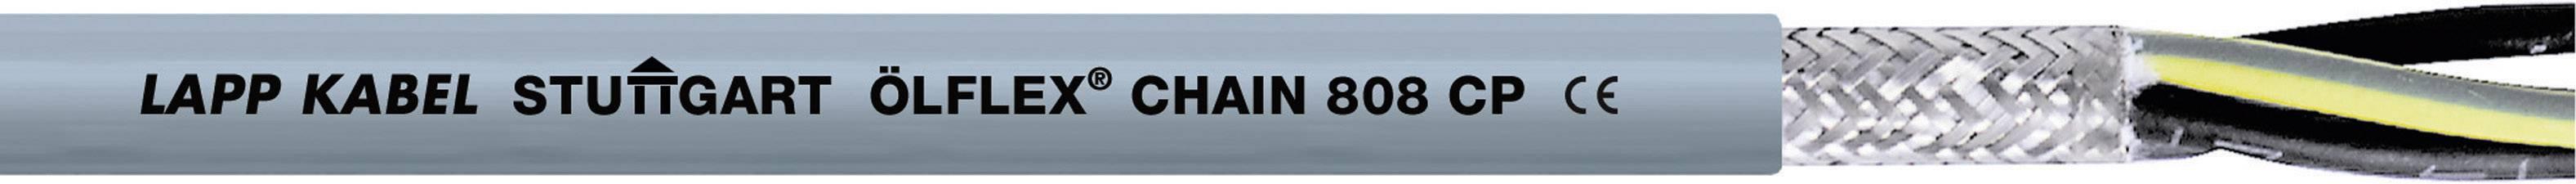 Licna LappKabel ÖLFLEX CHAIN 808 CP 5G0,5 (1027754), 5x 0,5 mm², Ø 7,1 mm, 1 m, šedá